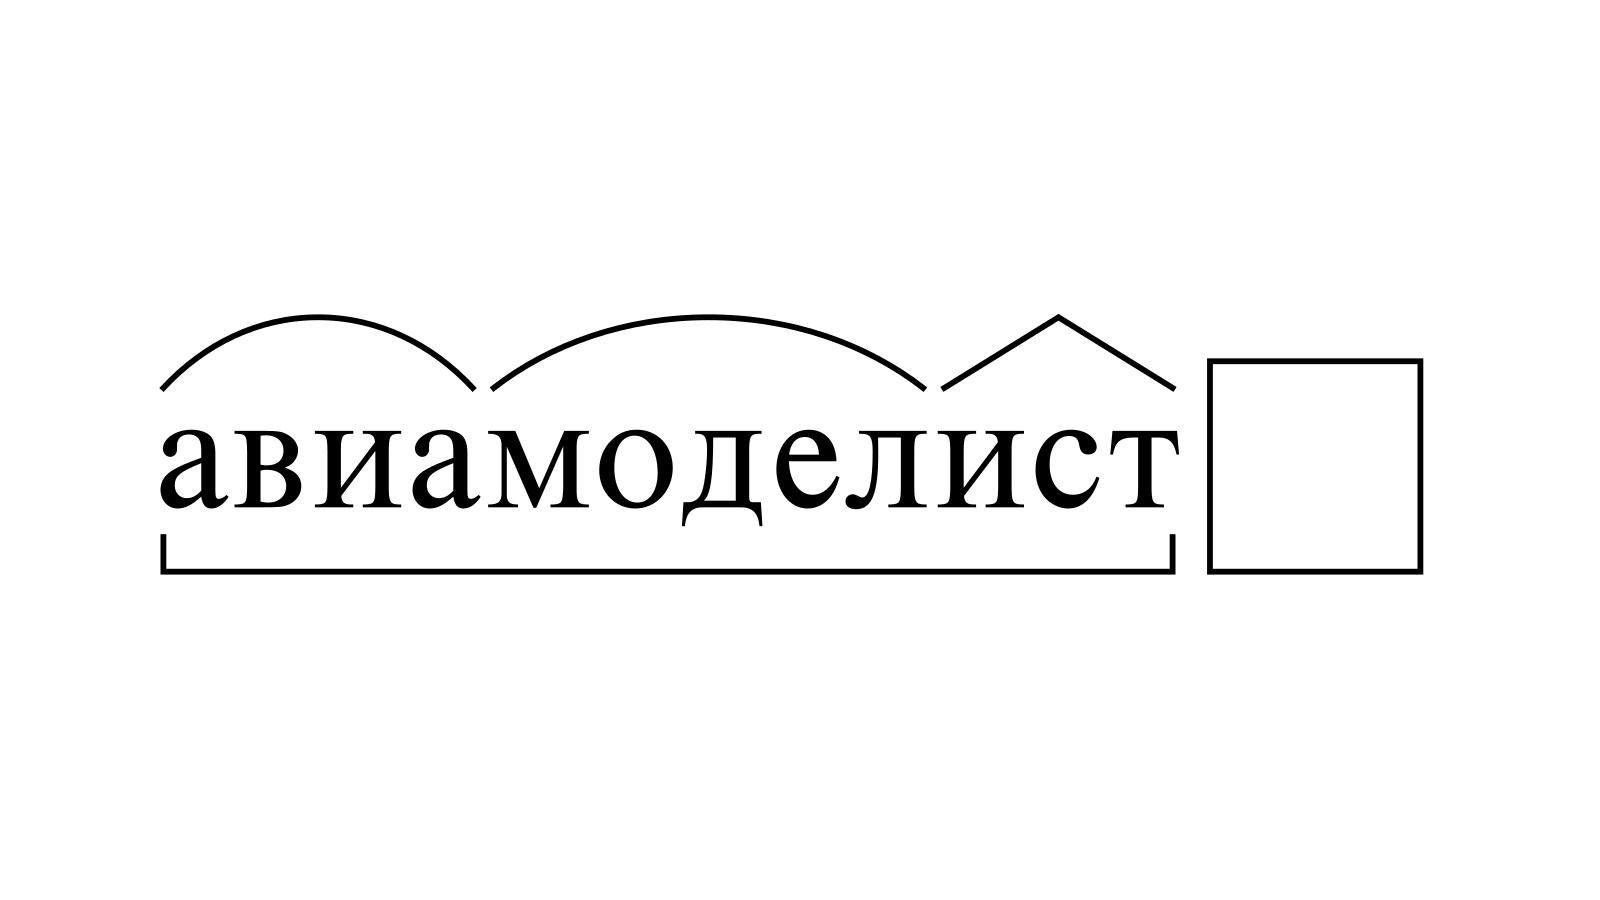 Разбор слова «авиамоделист» по составу